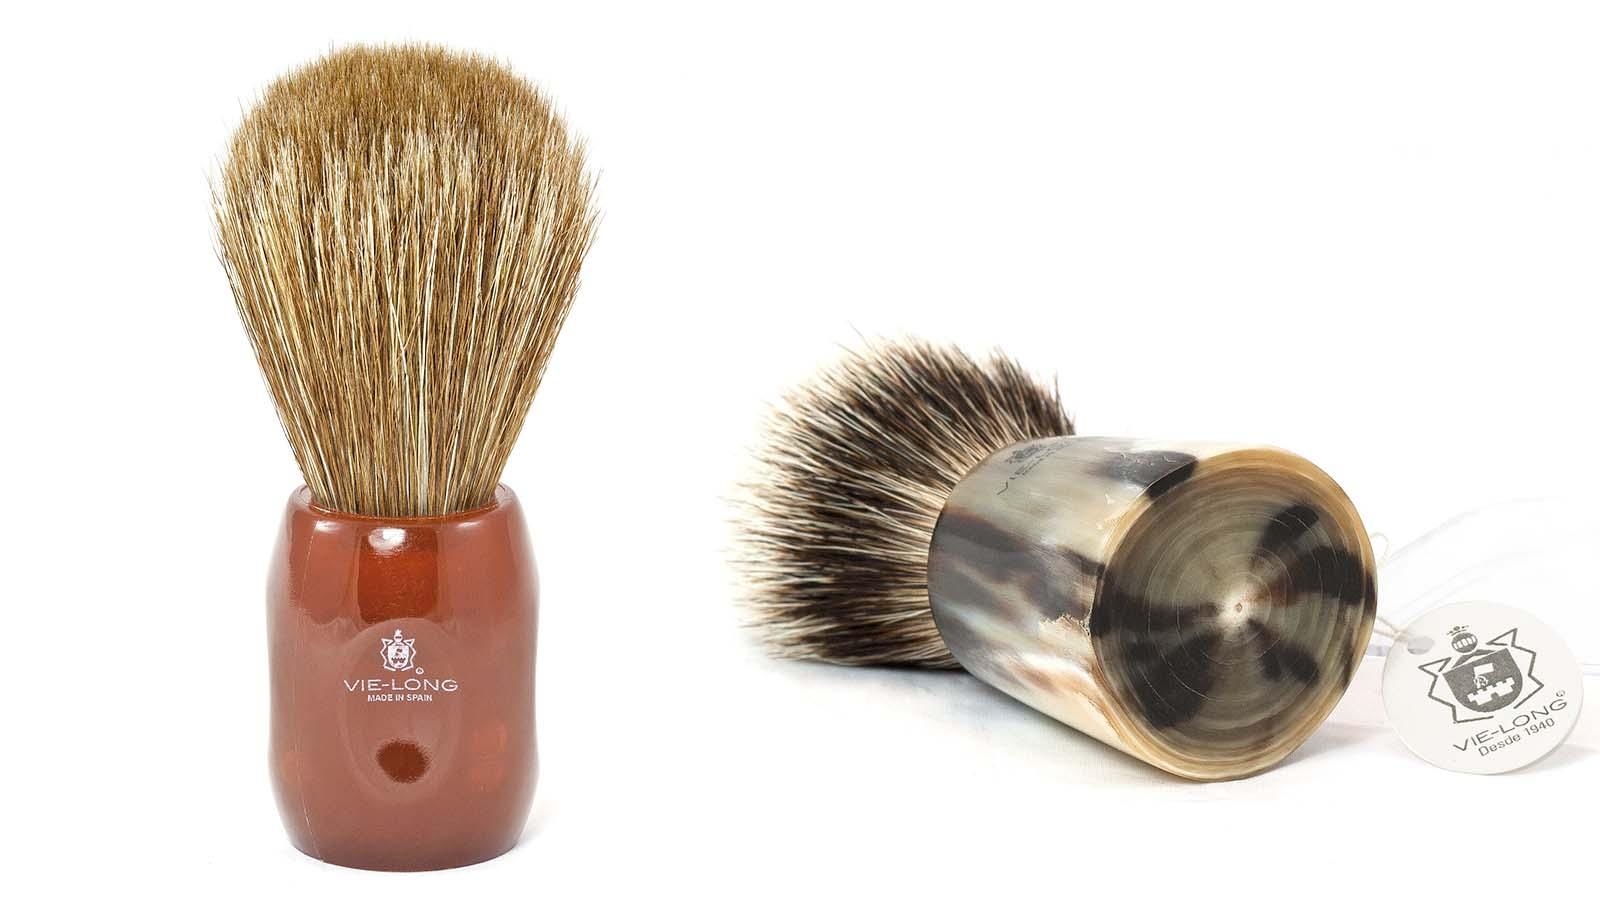 Safety Razor Reviews Badger Shaving Brush Vs Horsehair